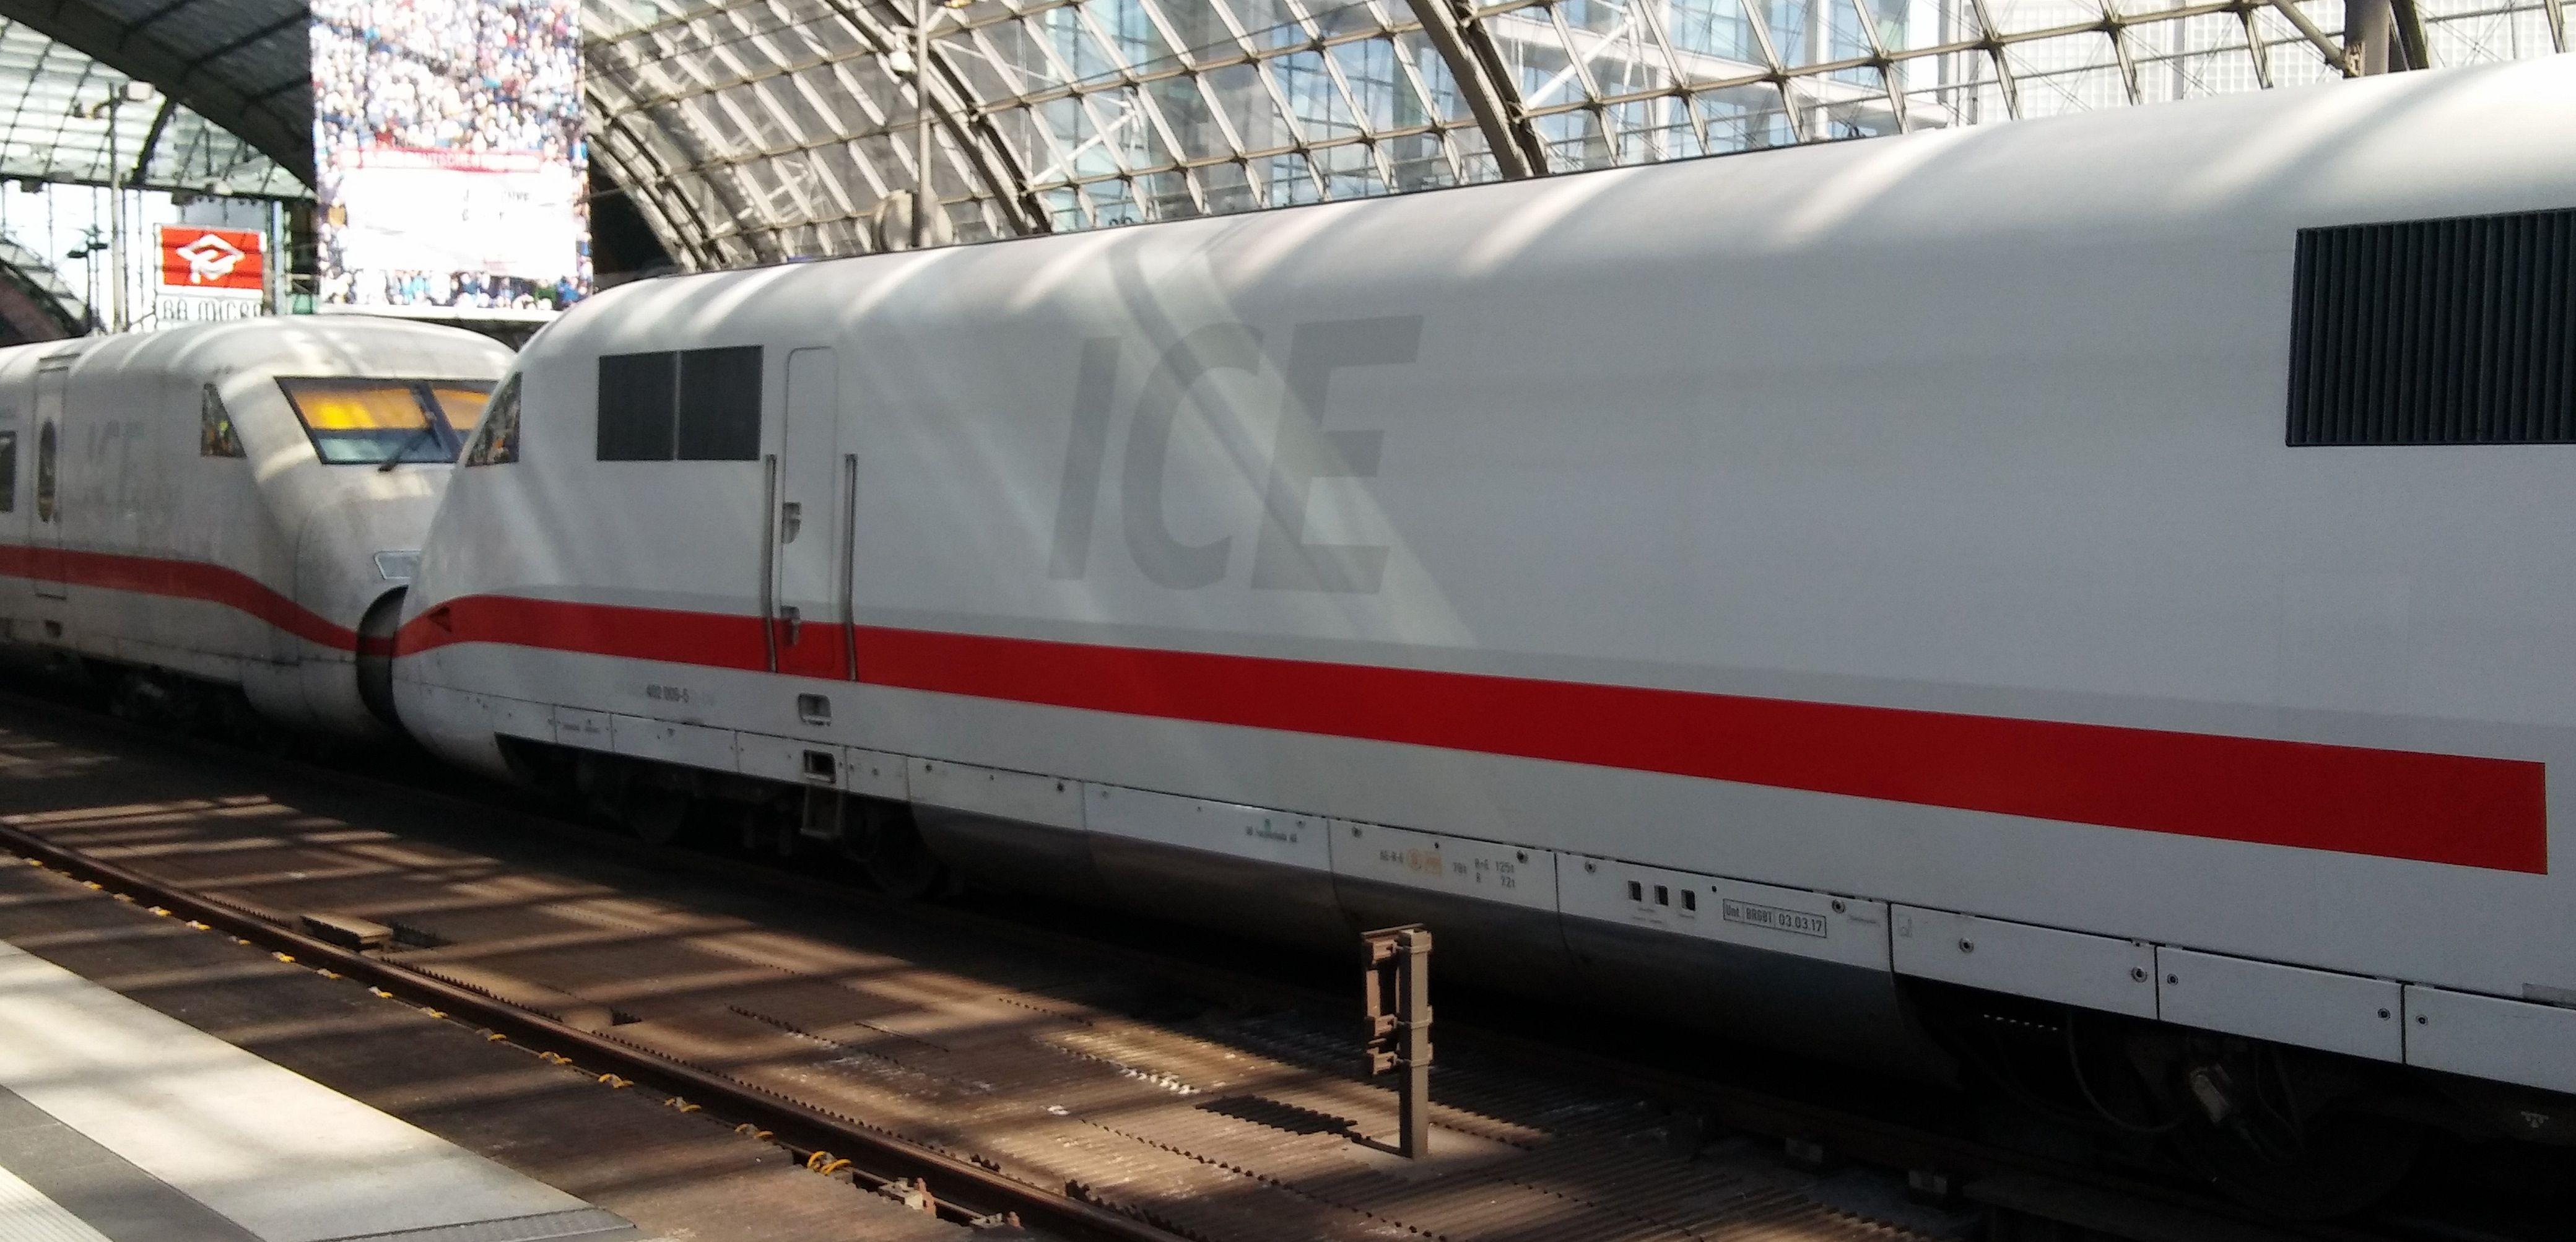 ICE Berlin Hauptbahnhof Deutsche bahn, Hauptbahnhof